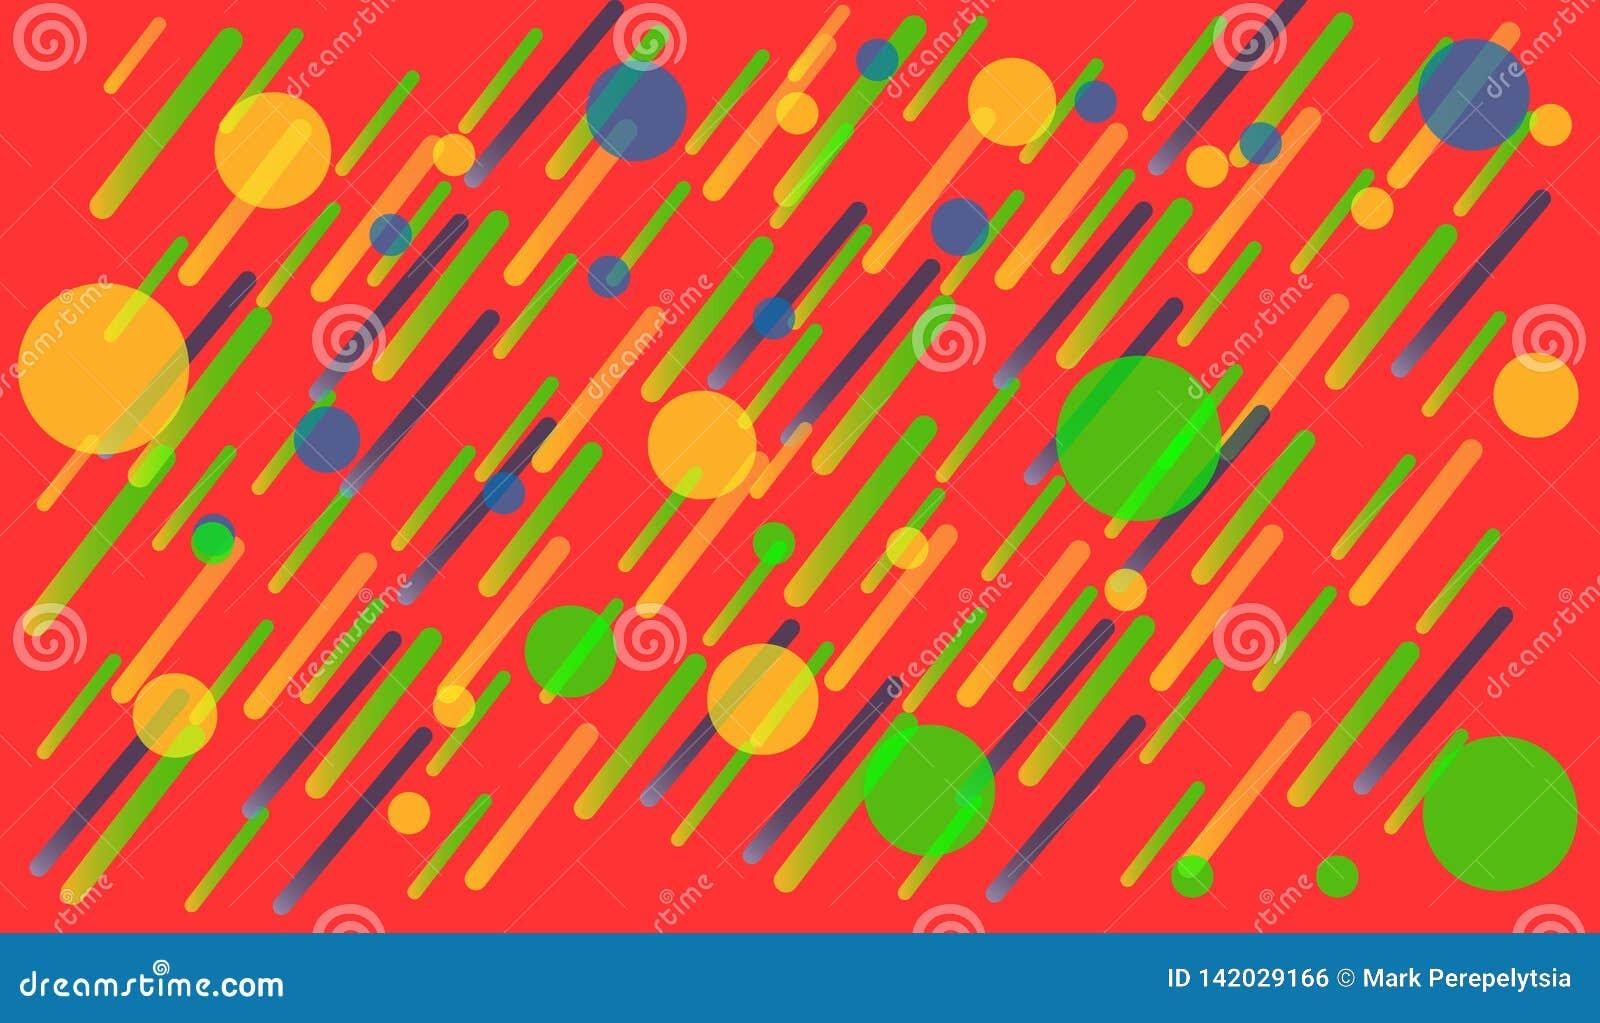 Colori luminosi del fondo geometrico e composizioni dinamiche in forma Illustrazioni di vettore